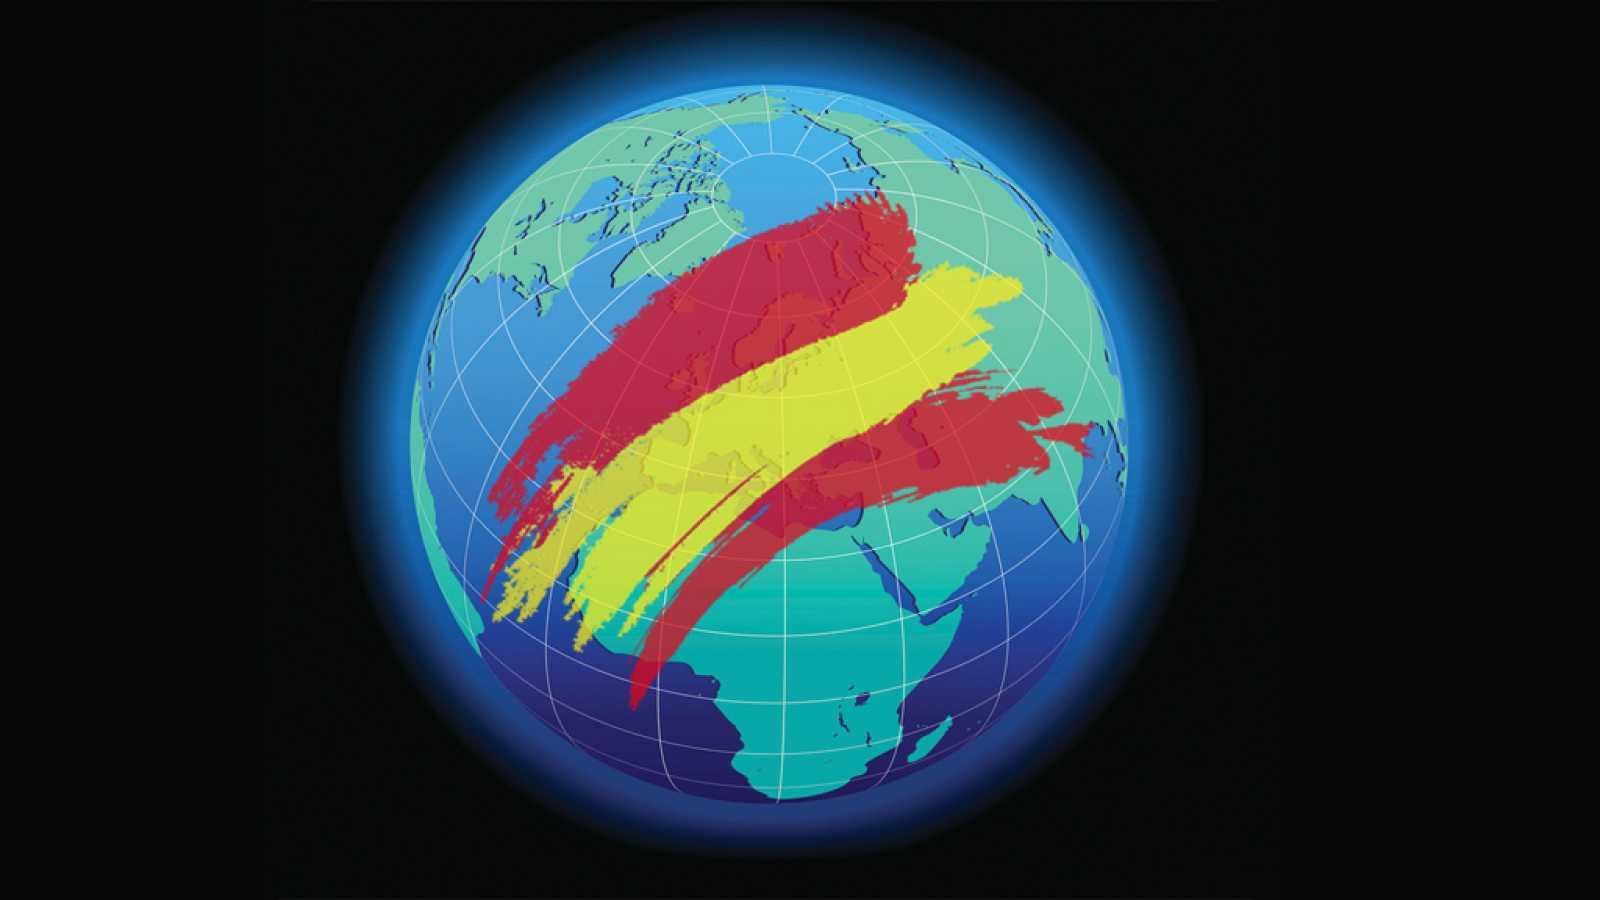 Marca España - La pandemia no daña la imagen exterior de España, pero cae la autoestima de los españoles - 23/04/21 - escuchar ahora